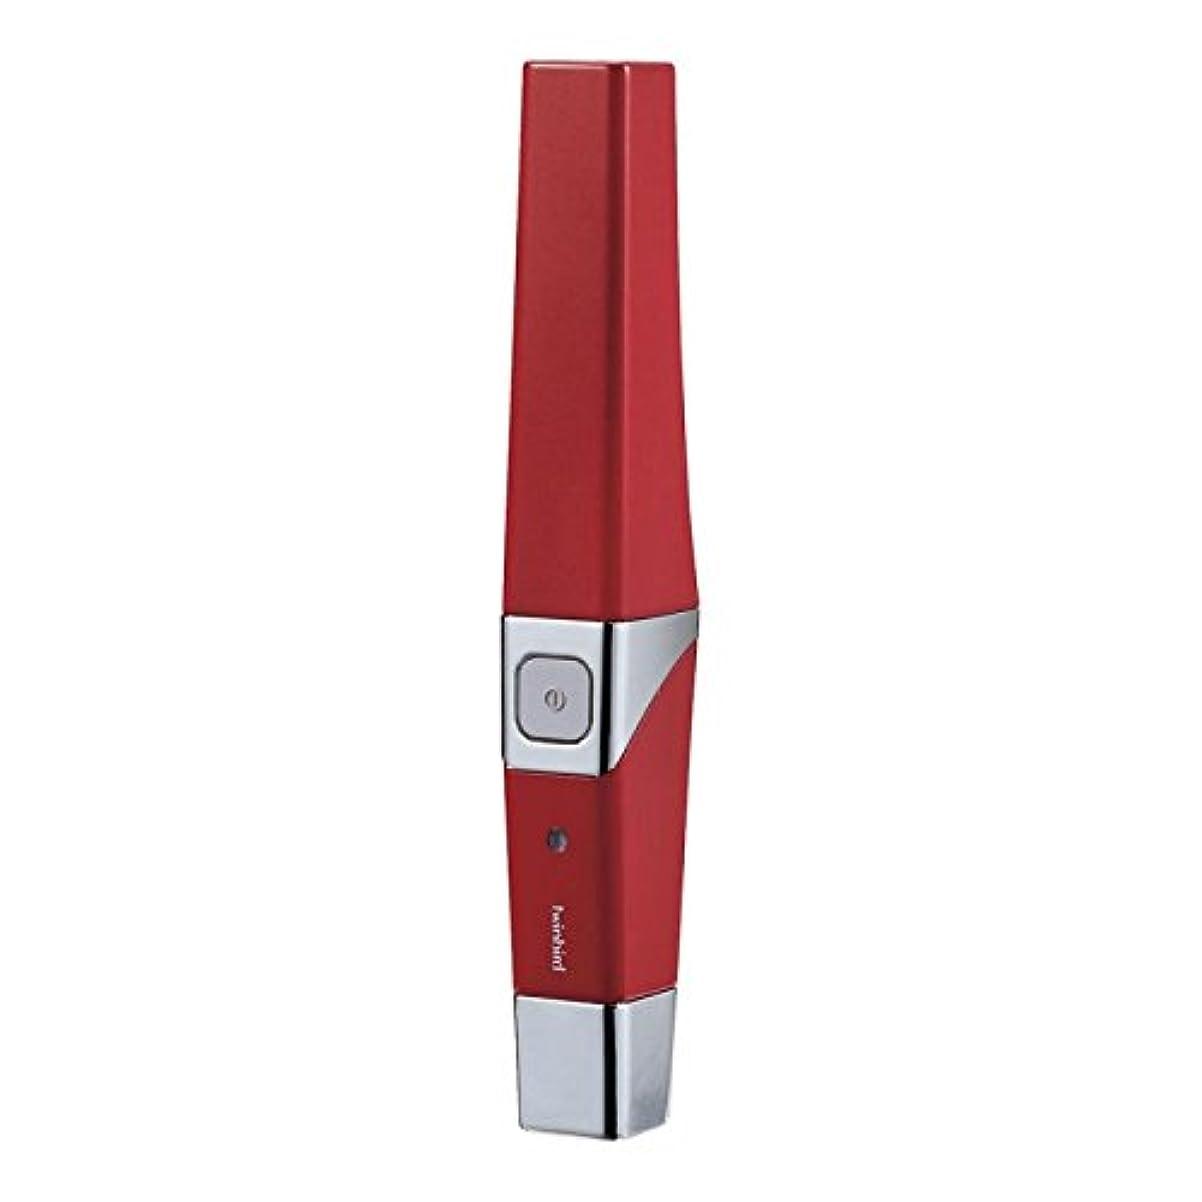 失礼僕の表向きツインバード 音波振動式USB充電歯ブラシ ACアダプター付 レッド BD-2757R